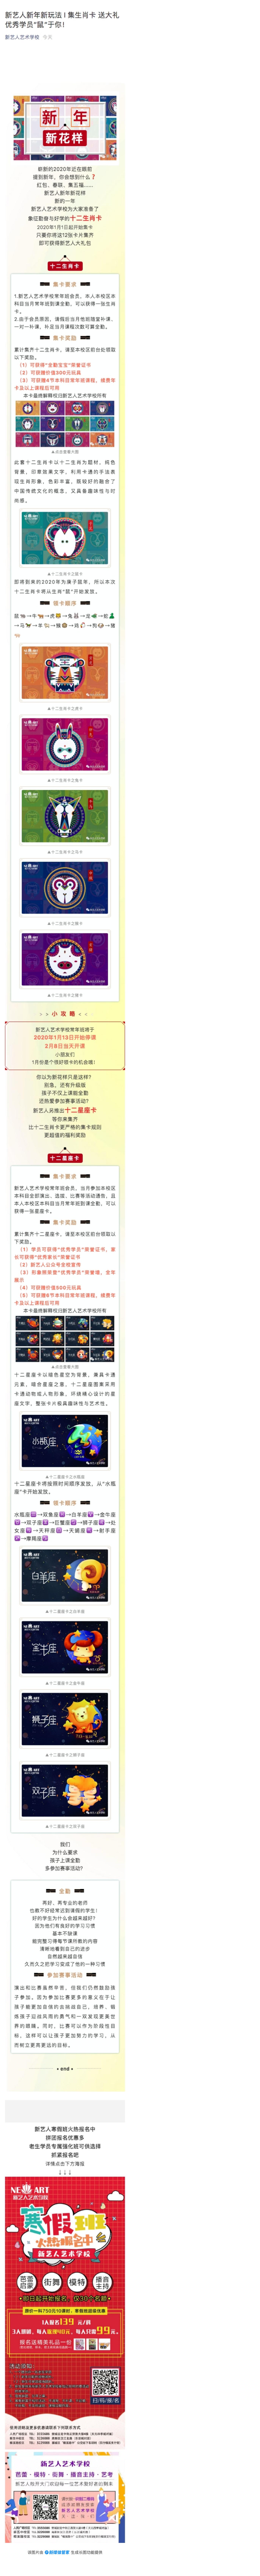 """新艺人新年新玩法 I 集生肖卡 送大礼 优秀学员""""鼠""""于你!副本.png"""